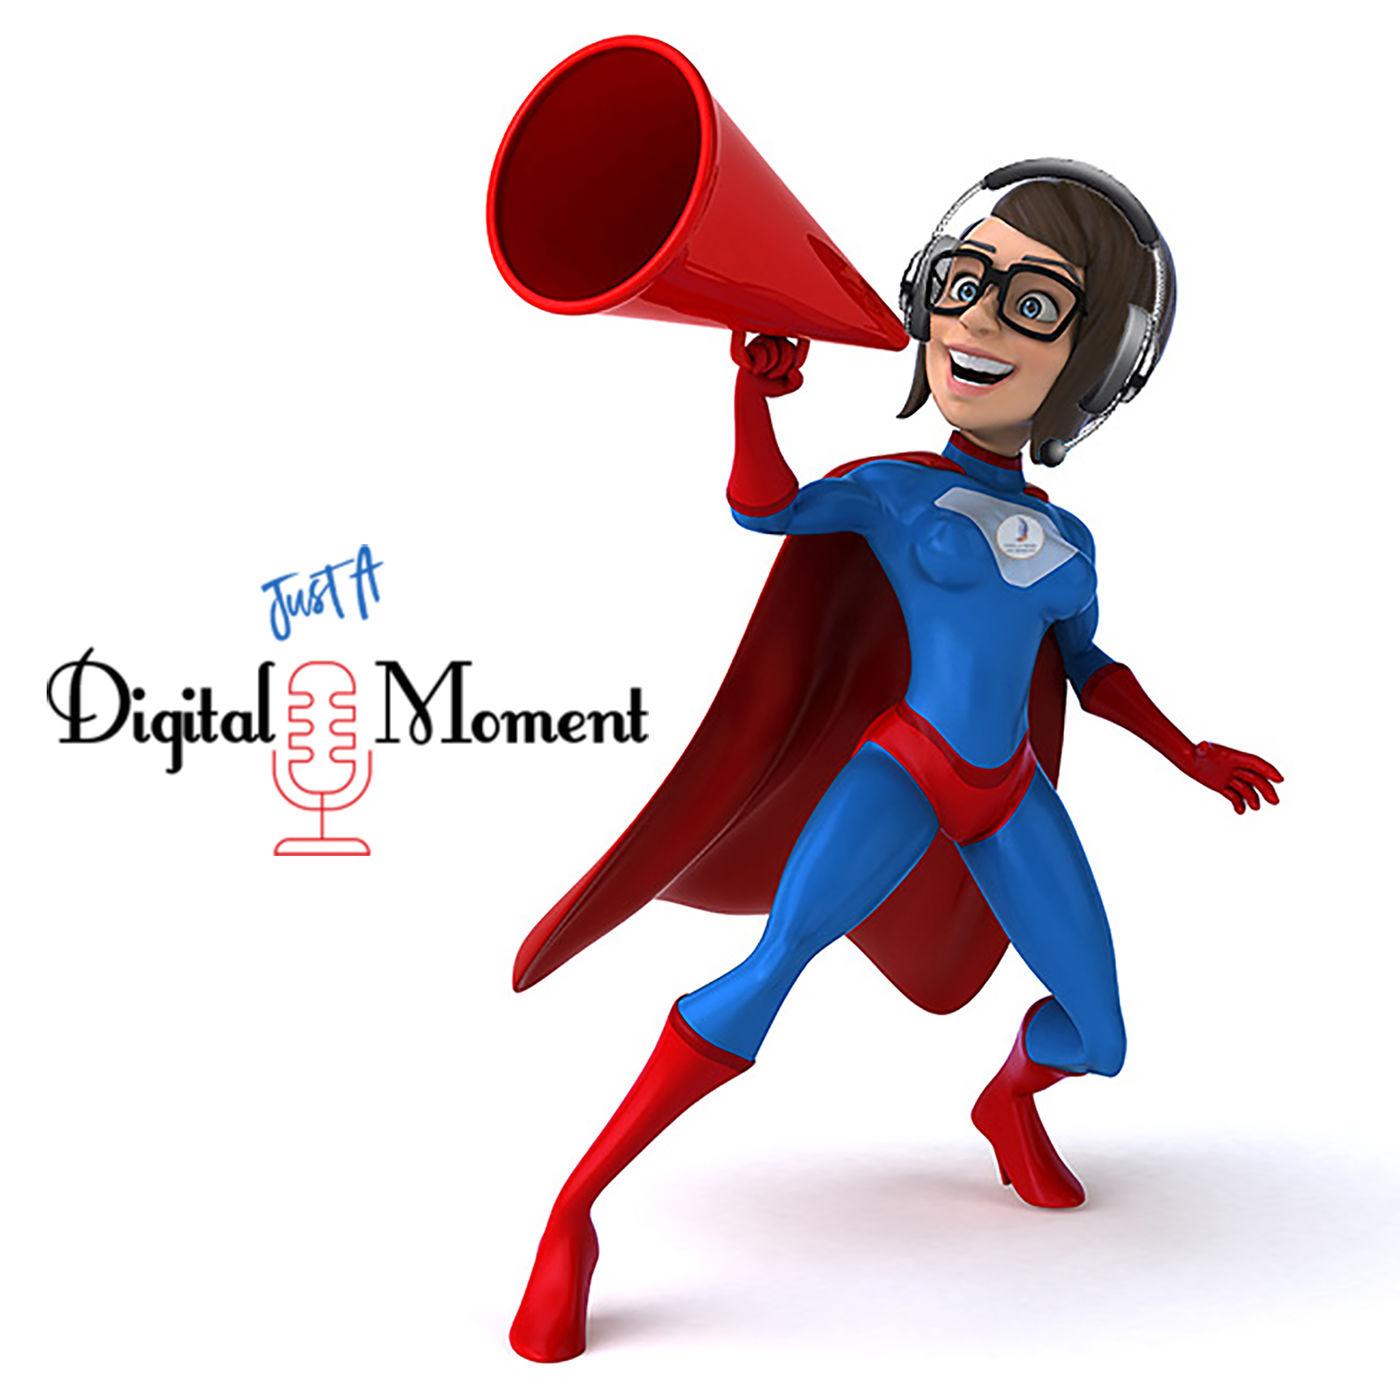 Just A Digital Moment